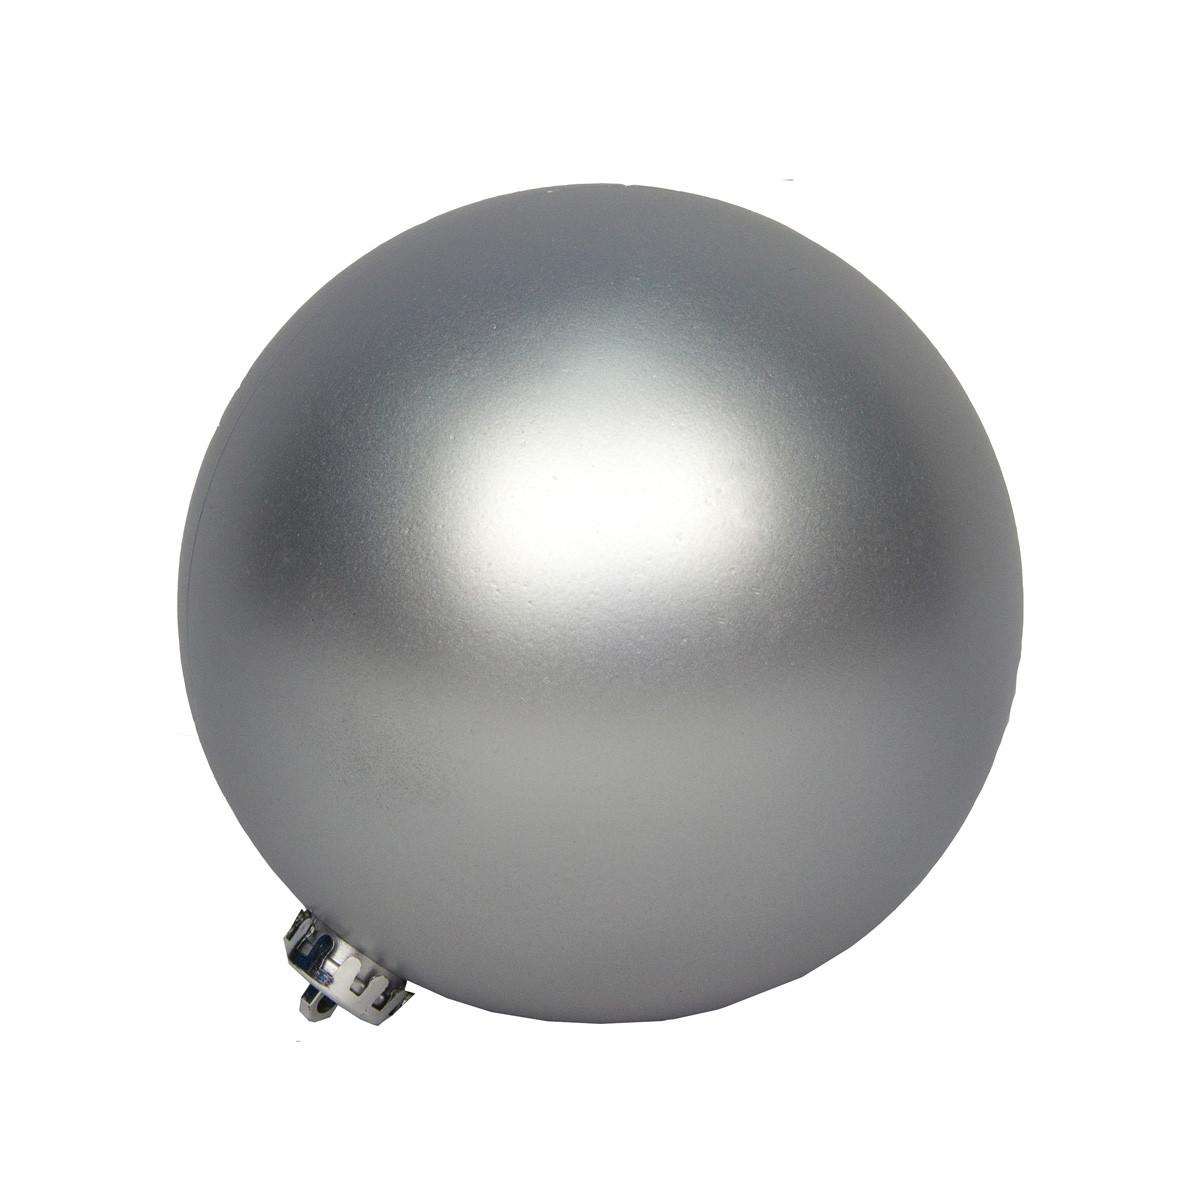 Большая елочная игрушка - шар, 40 см, пластик, серебристый (031412-1)